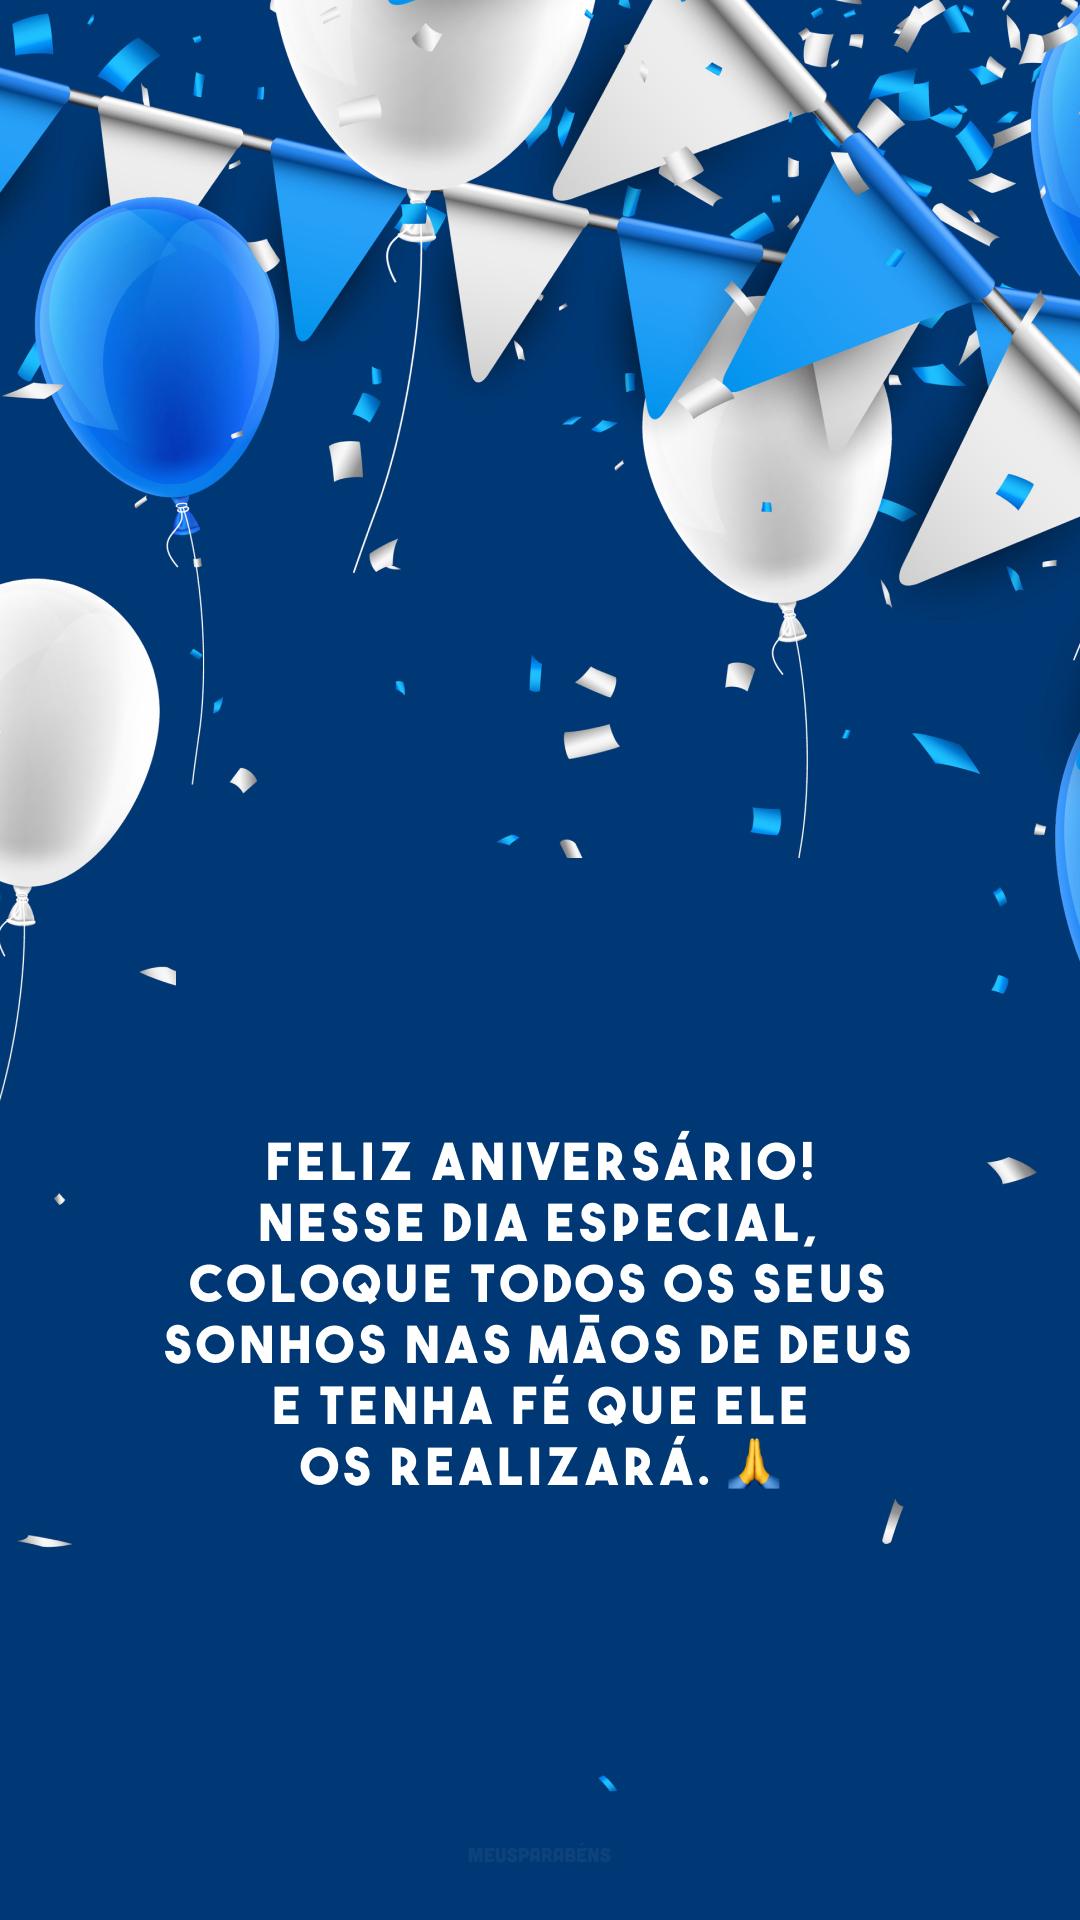 Feliz aniversário! Nesse dia especial, coloque todos os seus sonhos nas mãos de Deus e tenha fé que Ele os realizará. 🙏